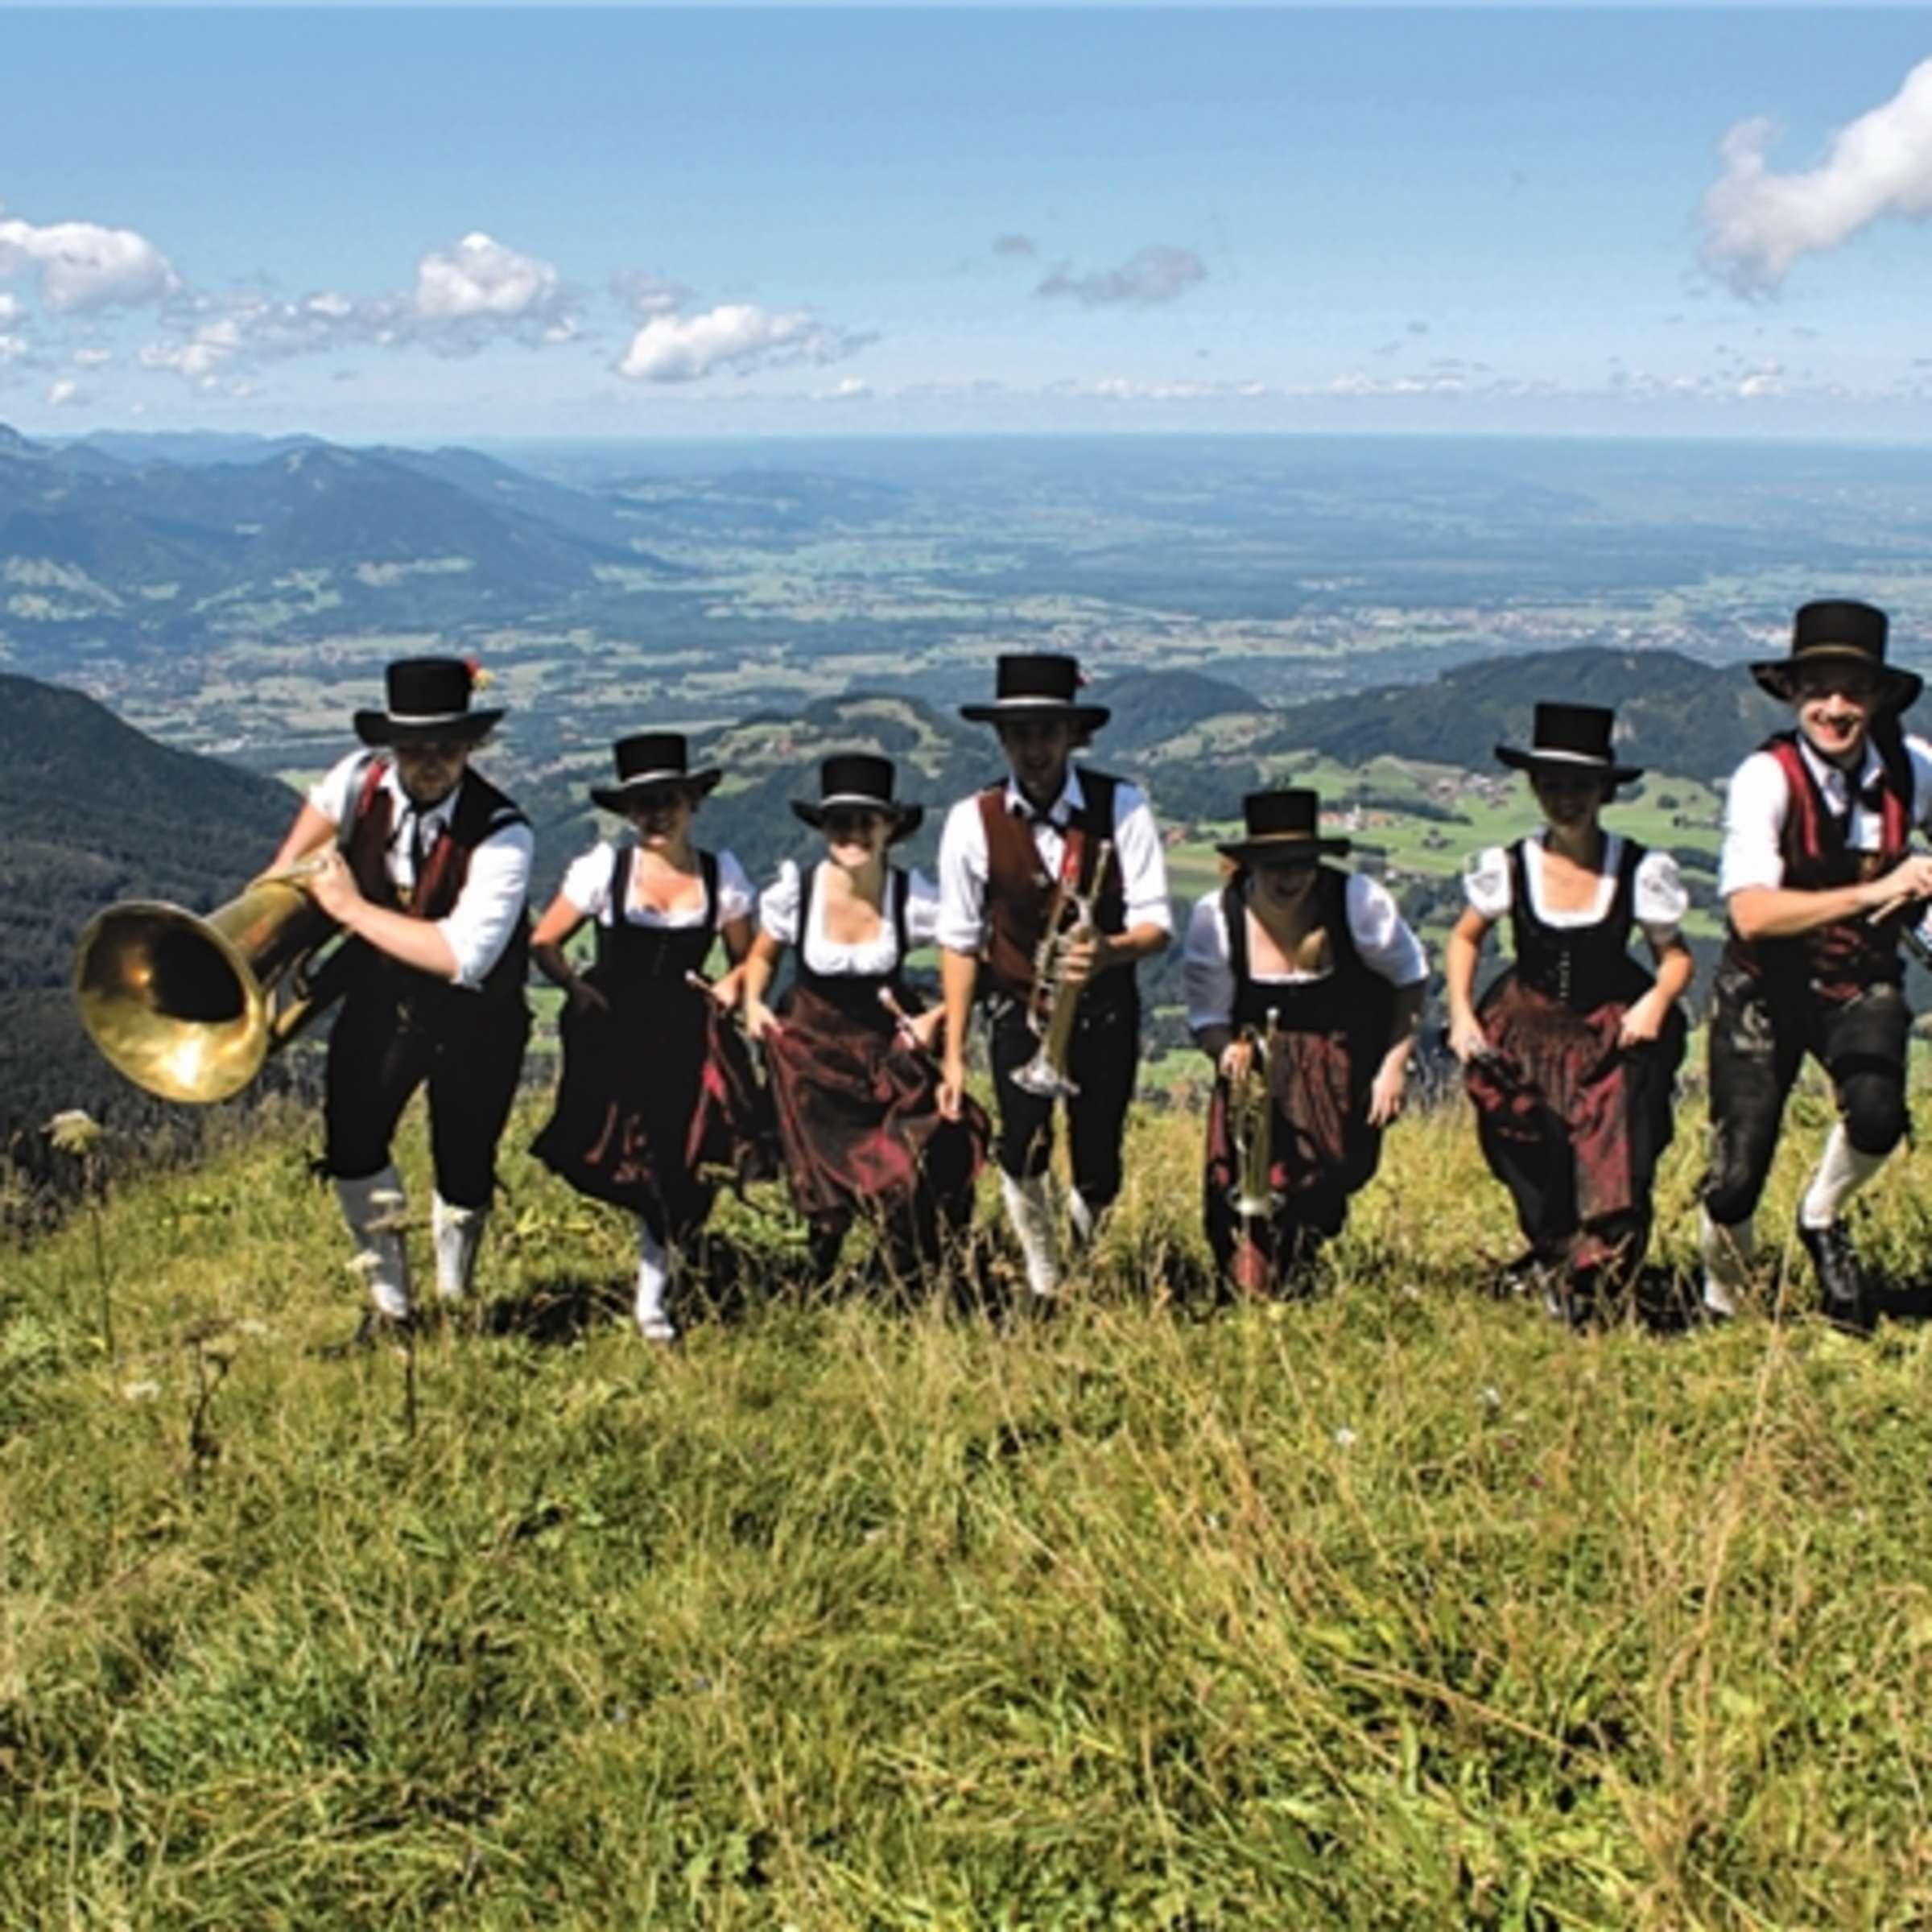 Volksmusik In Der Warteschleife Rosenheim